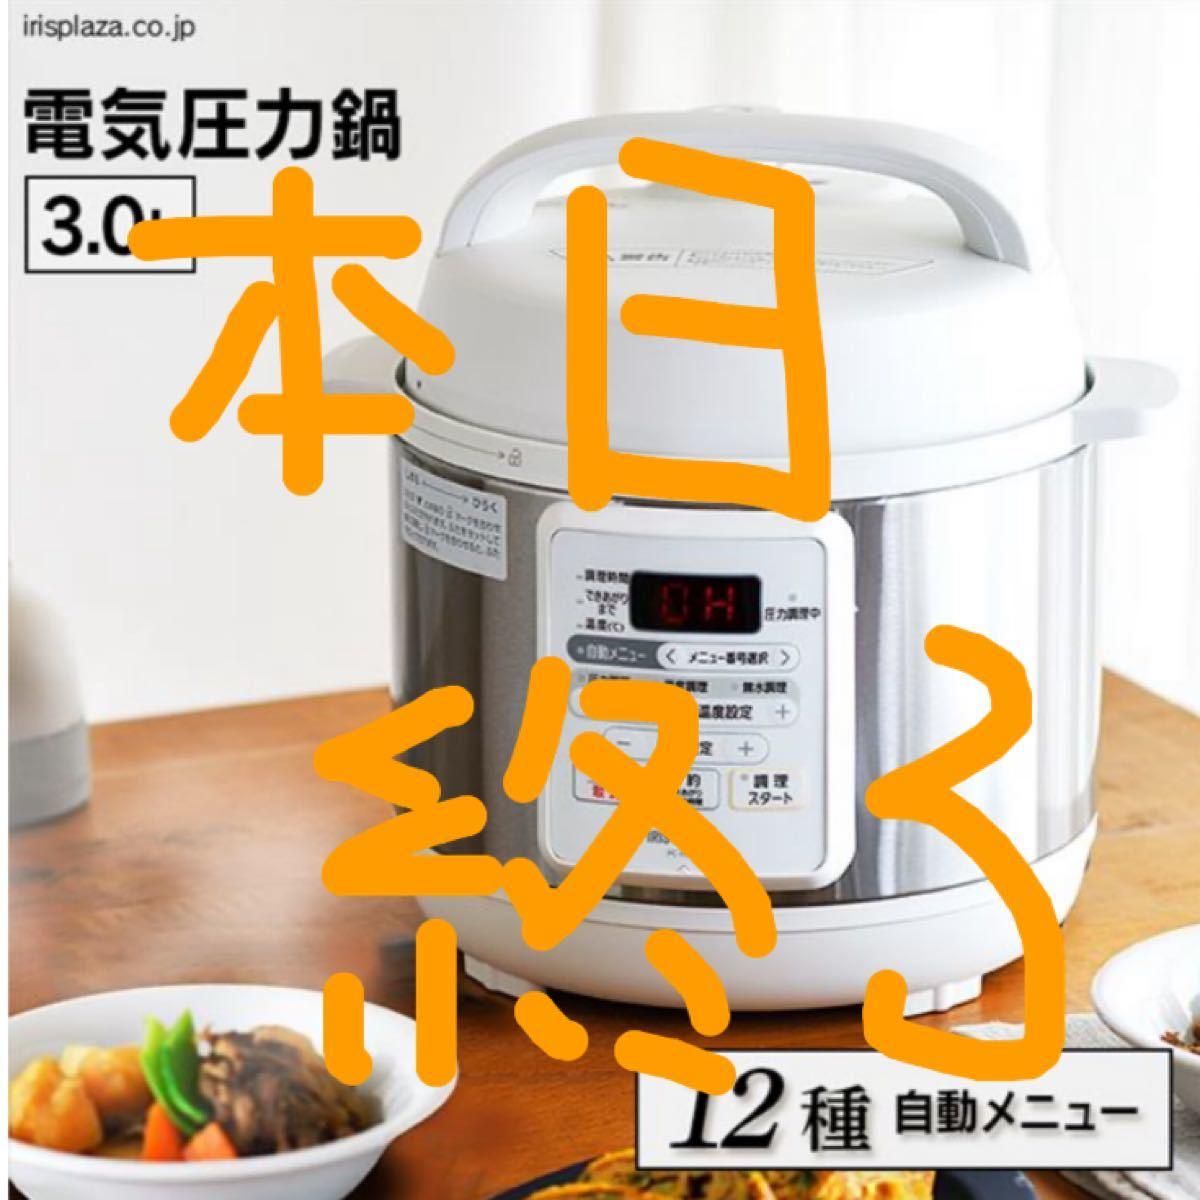 電気圧力鍋 3.0L ホワイト PC-EMA3-W 【当日発送】【値下げ不可】